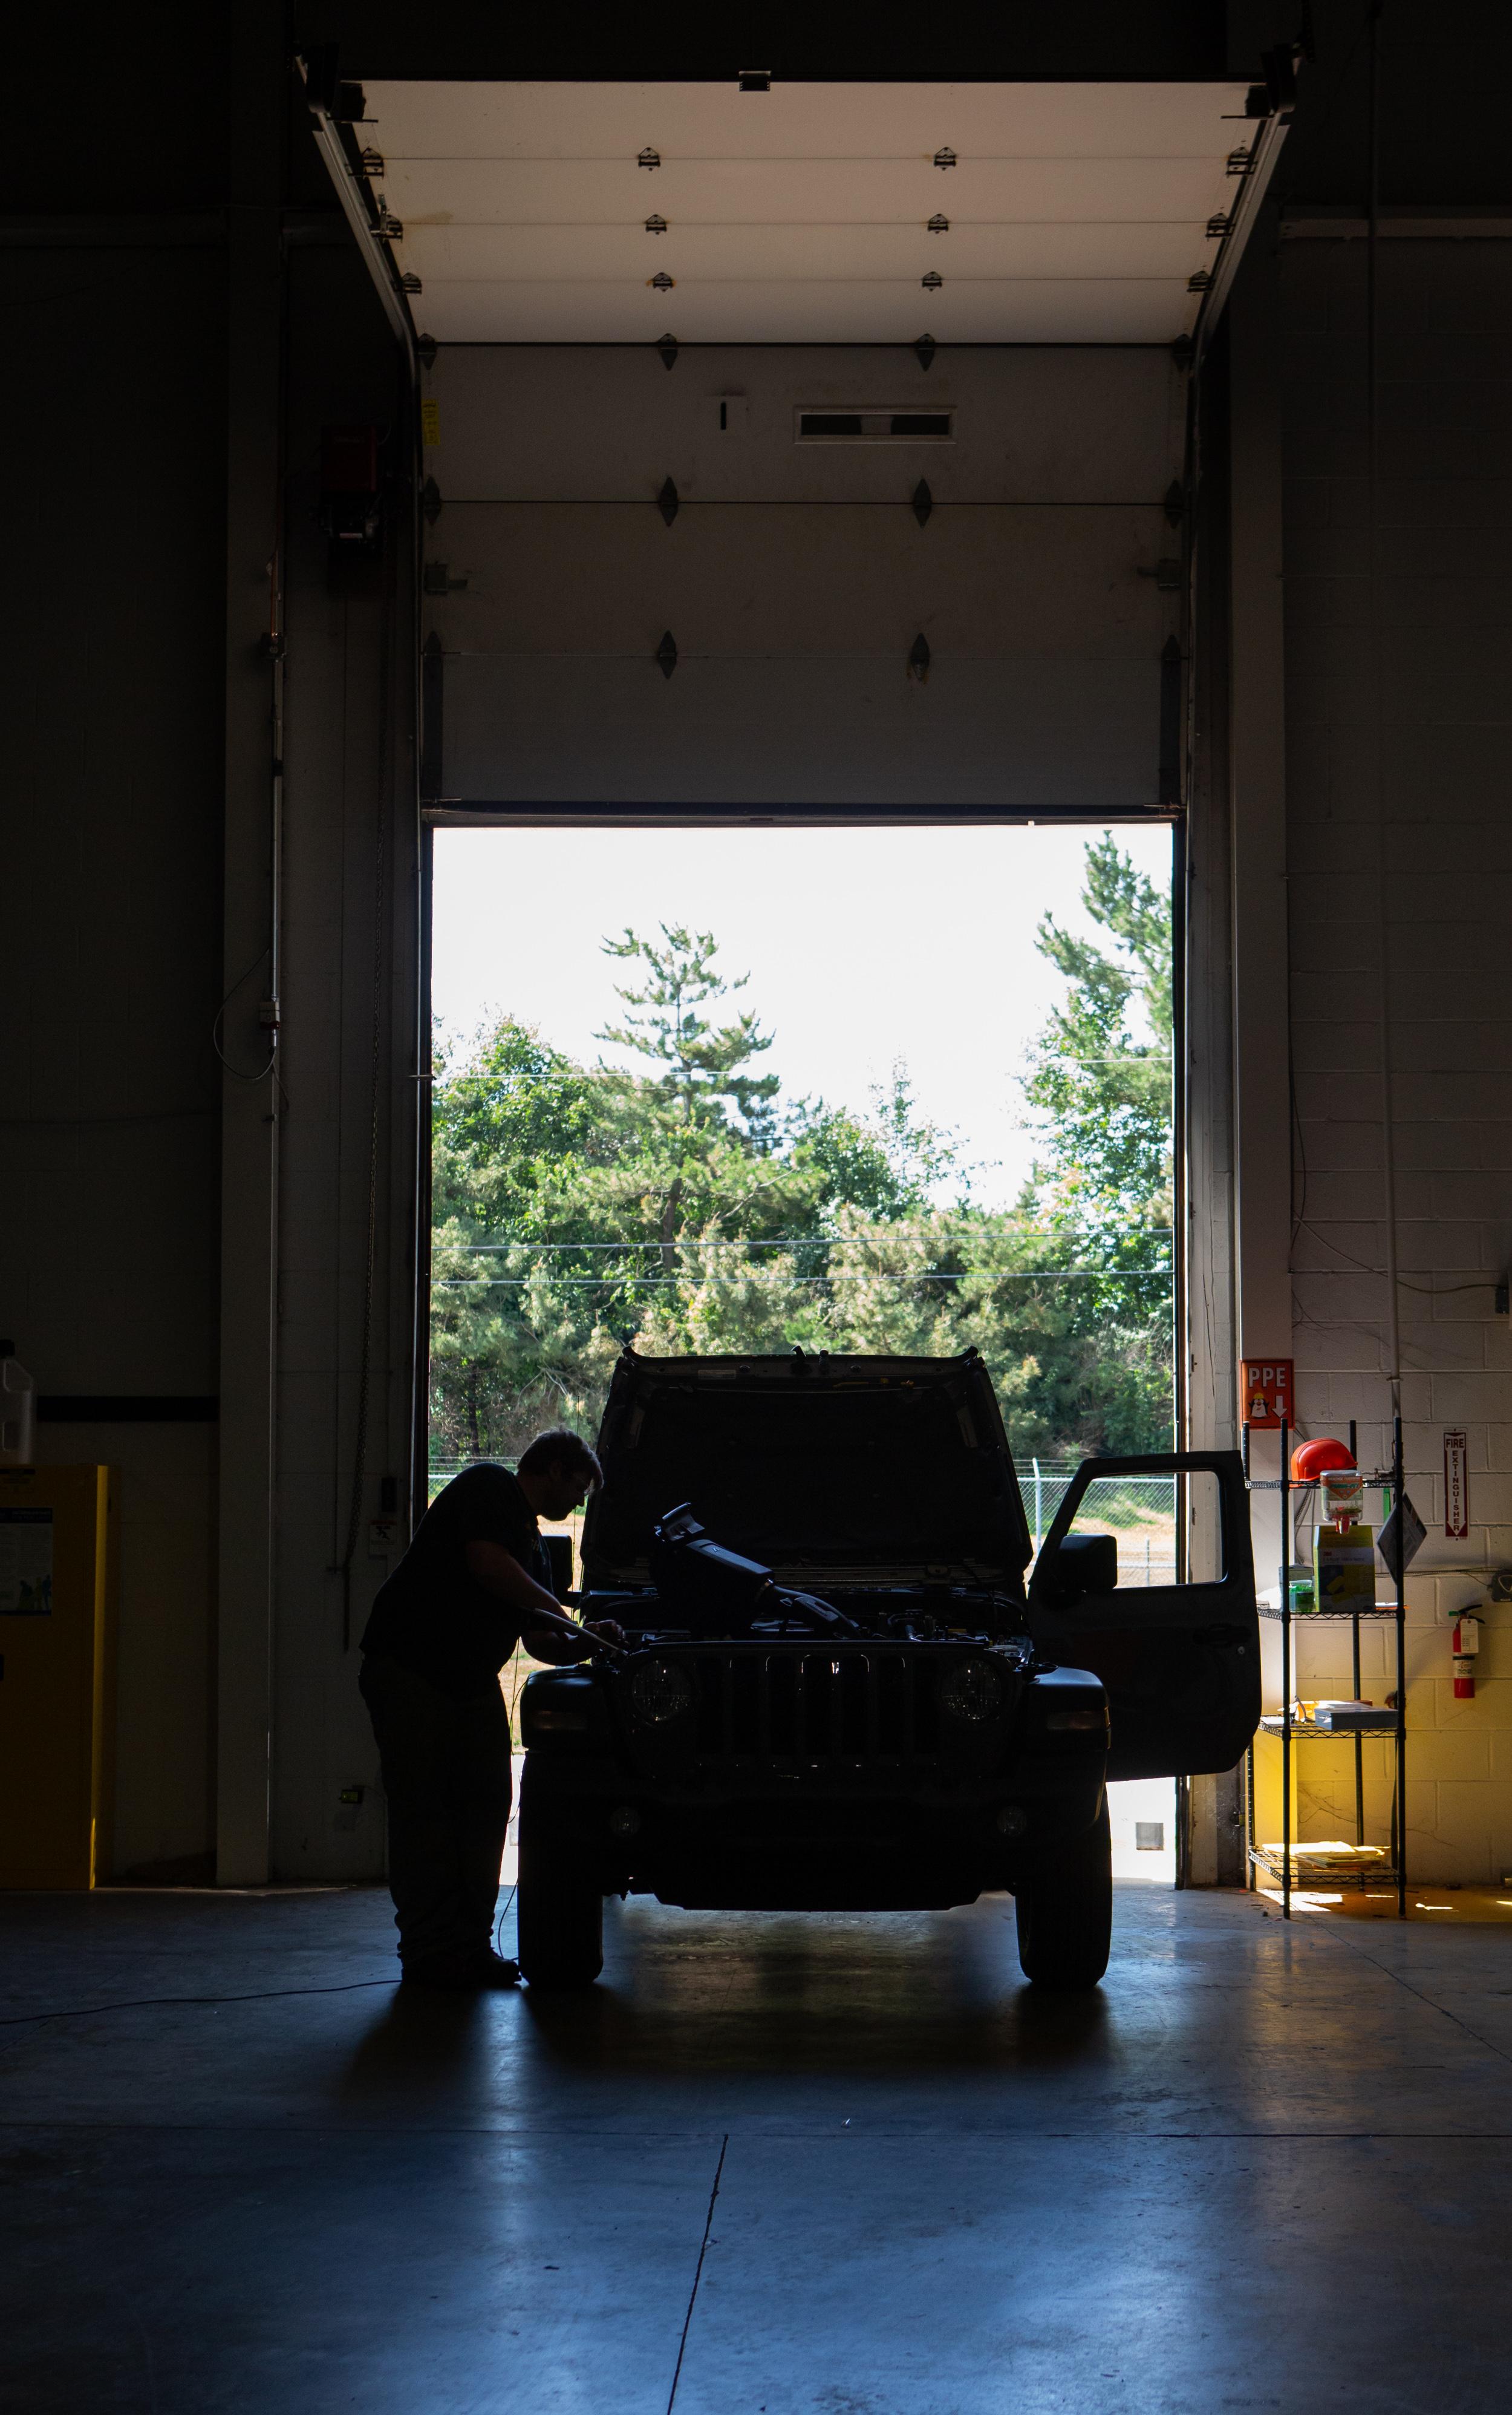 Jeep JL Wrangler 2.0T  Mishimoto  New Castle , DE